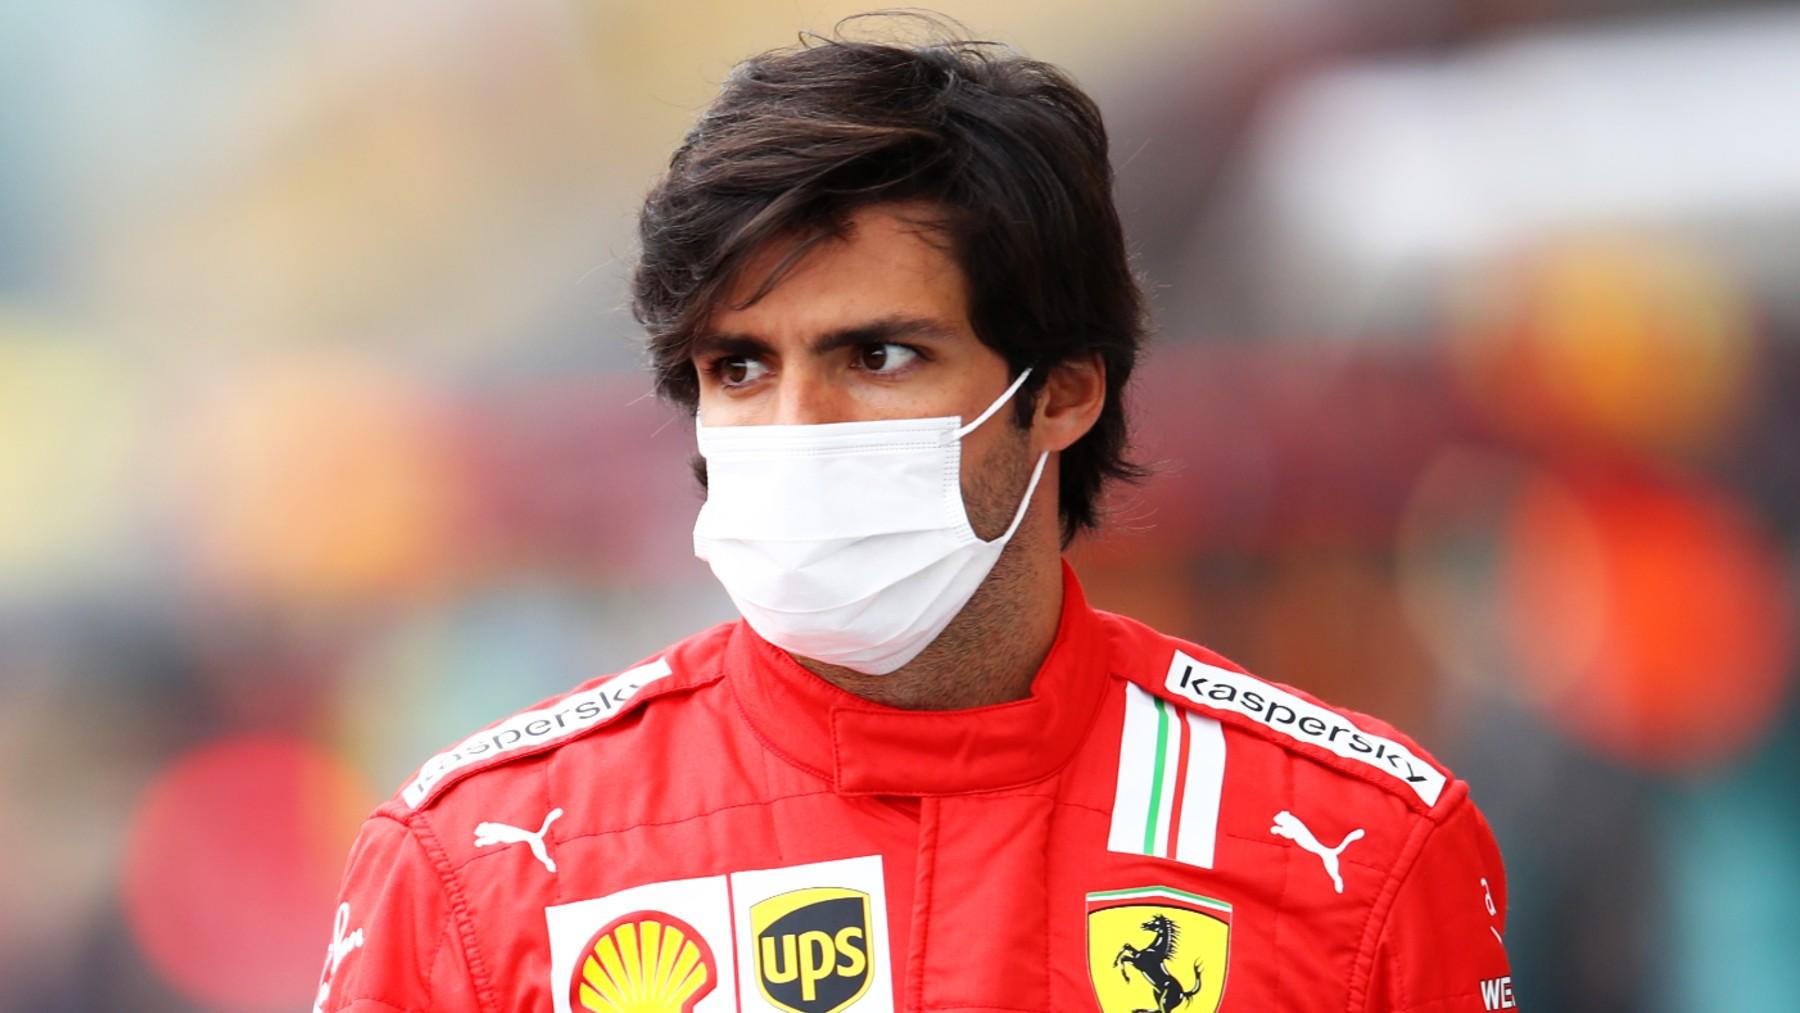 Carlos Sainz, en el GP de Gran Bretaña. (Getty)